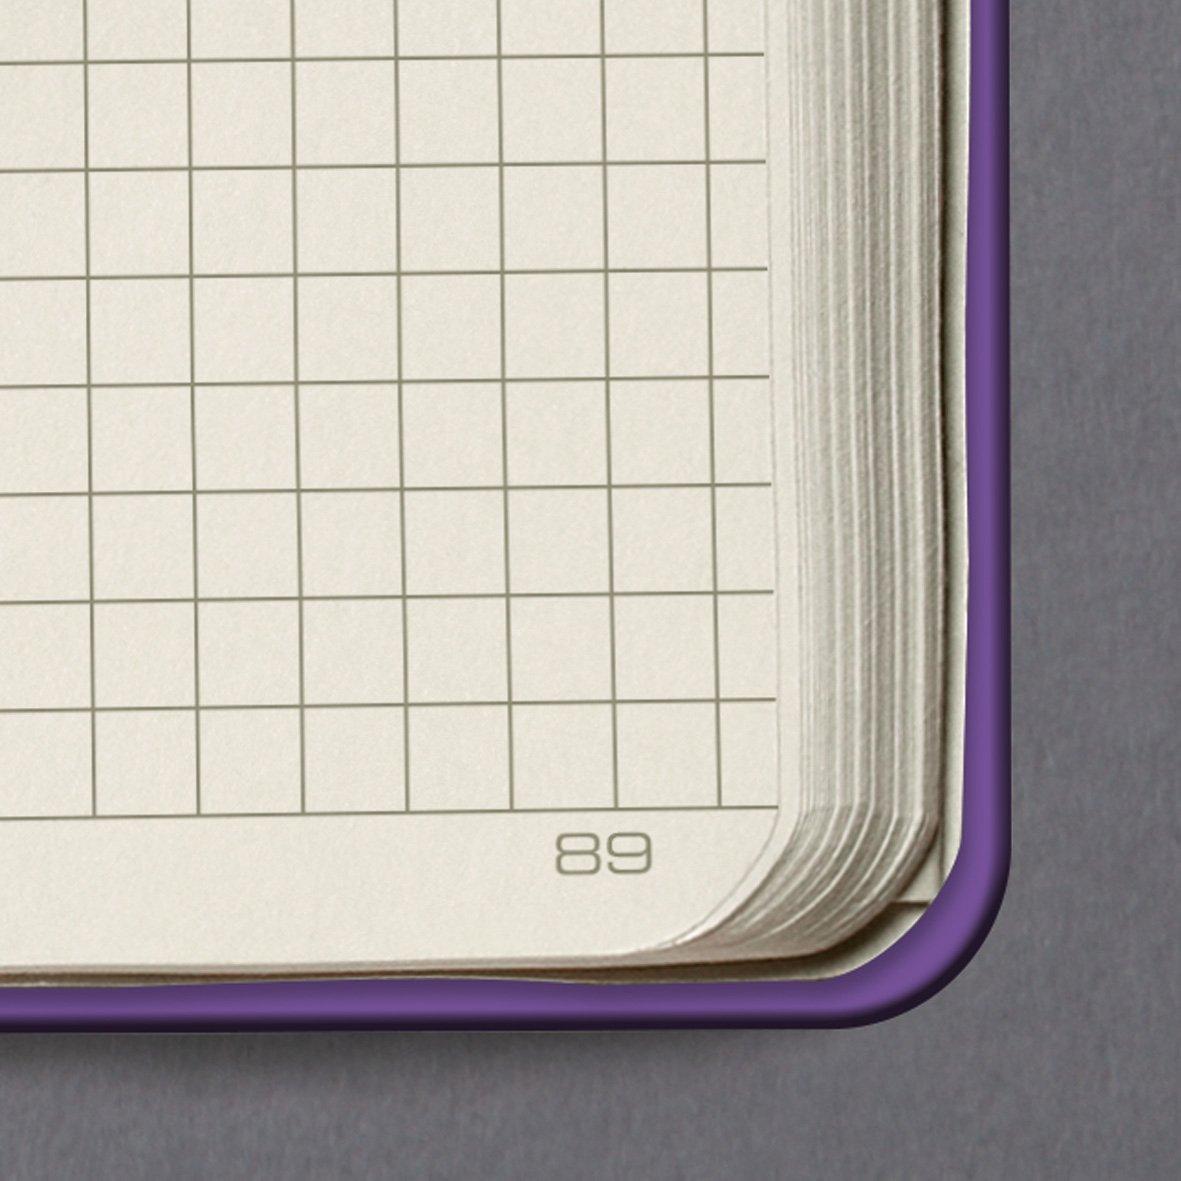 circa A5 194 pagine a quadretti marrone copertina rigida SIGEL CO565 Taccuino Conceptum